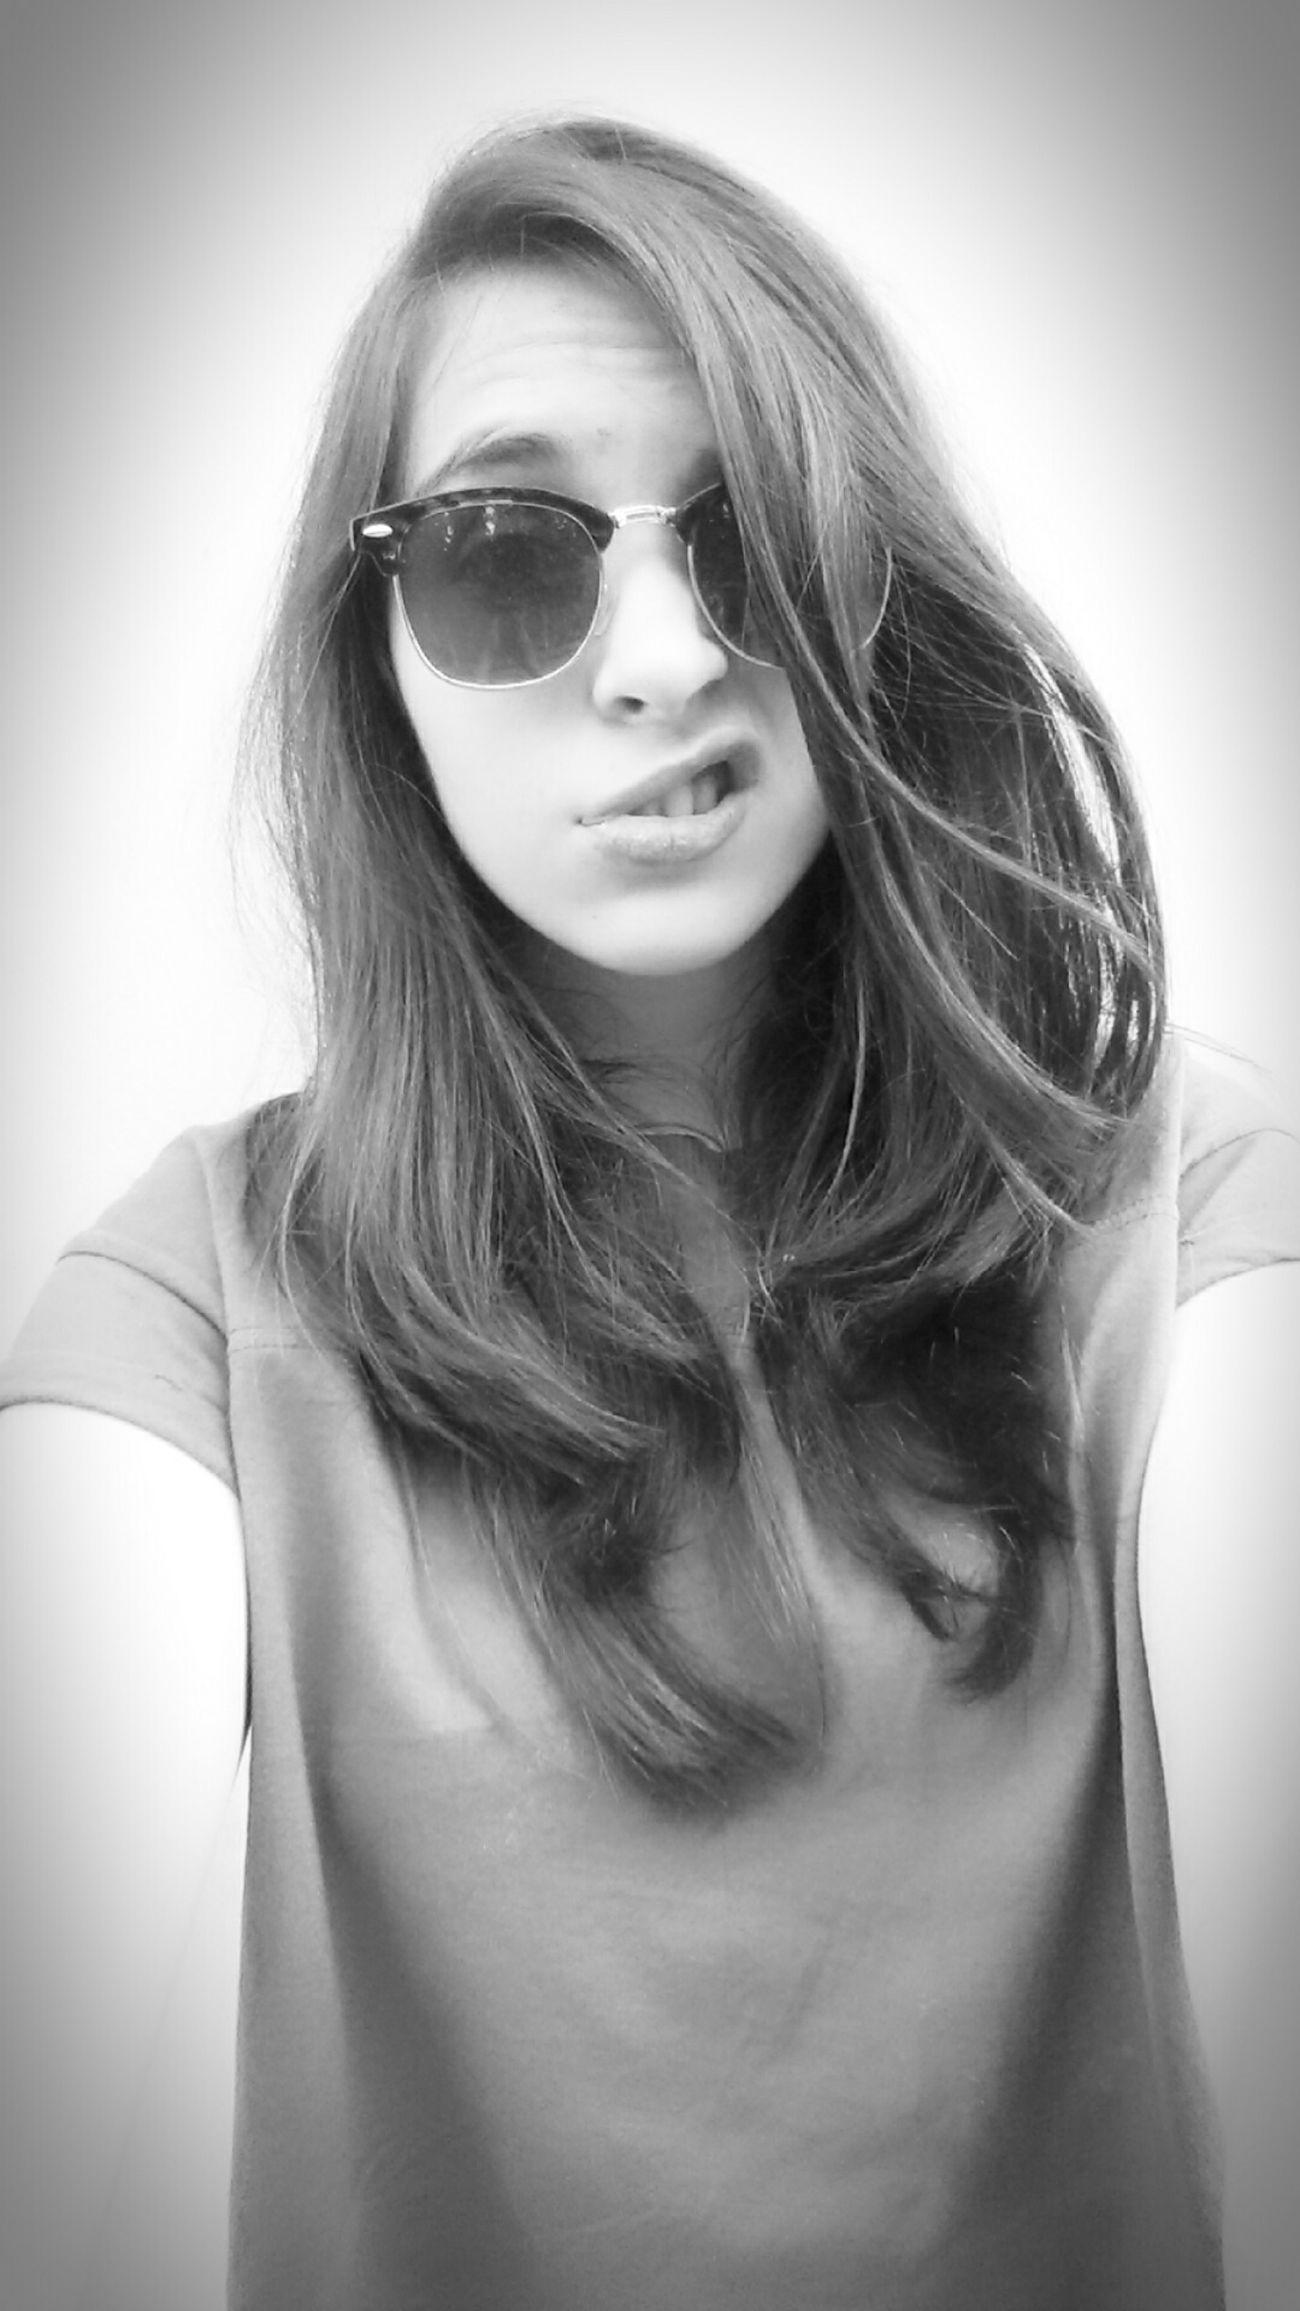 Black & White Sunglasses ✌👌 Summer ☀